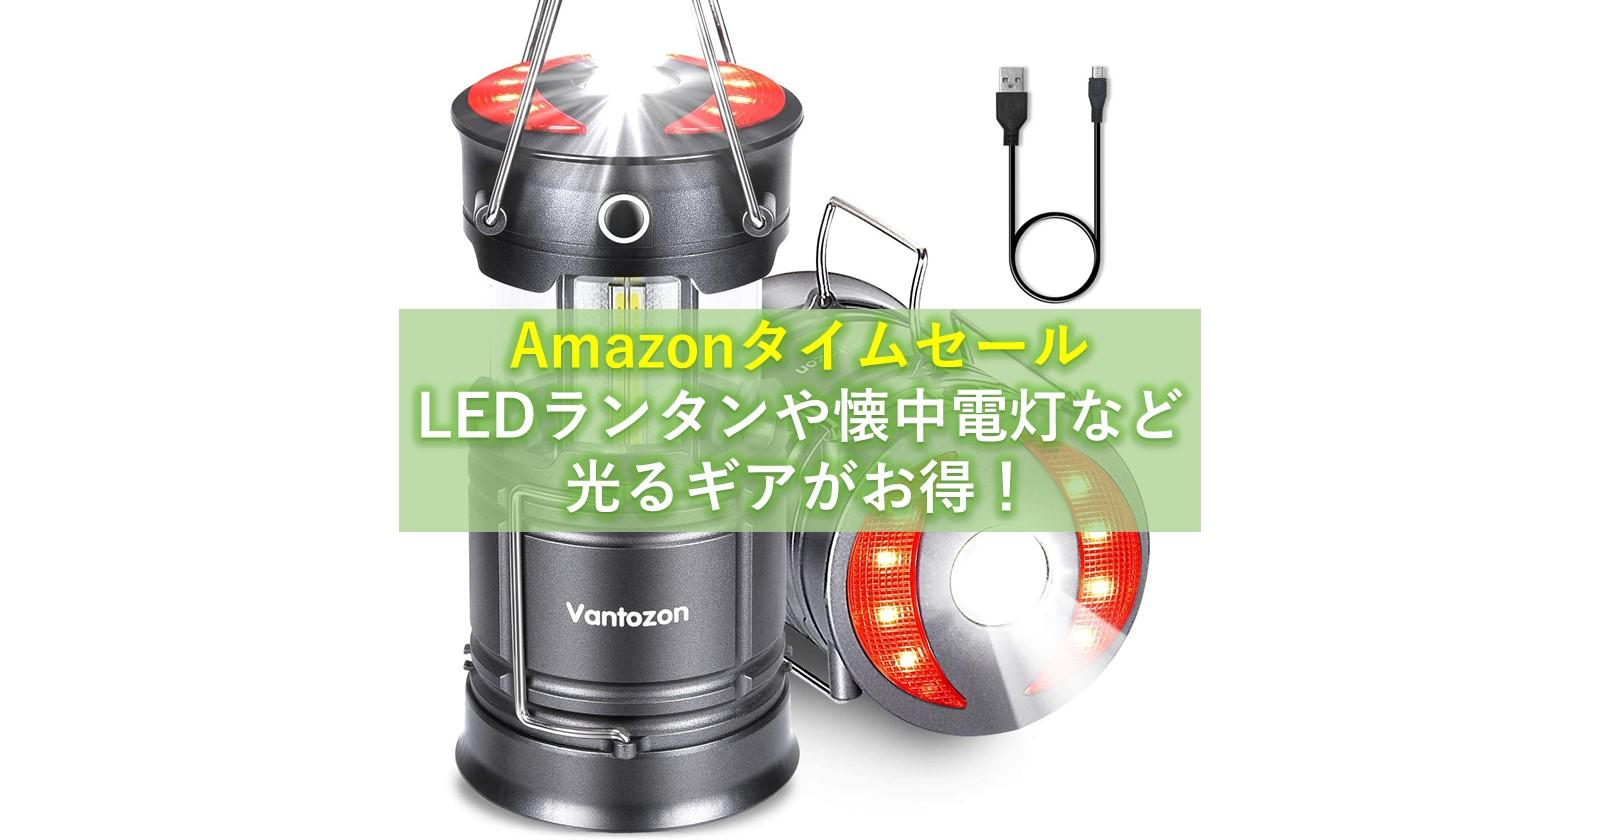 Amazonタイムセールで「LEDランタン」や「懐中電灯」をゲットしましょう!